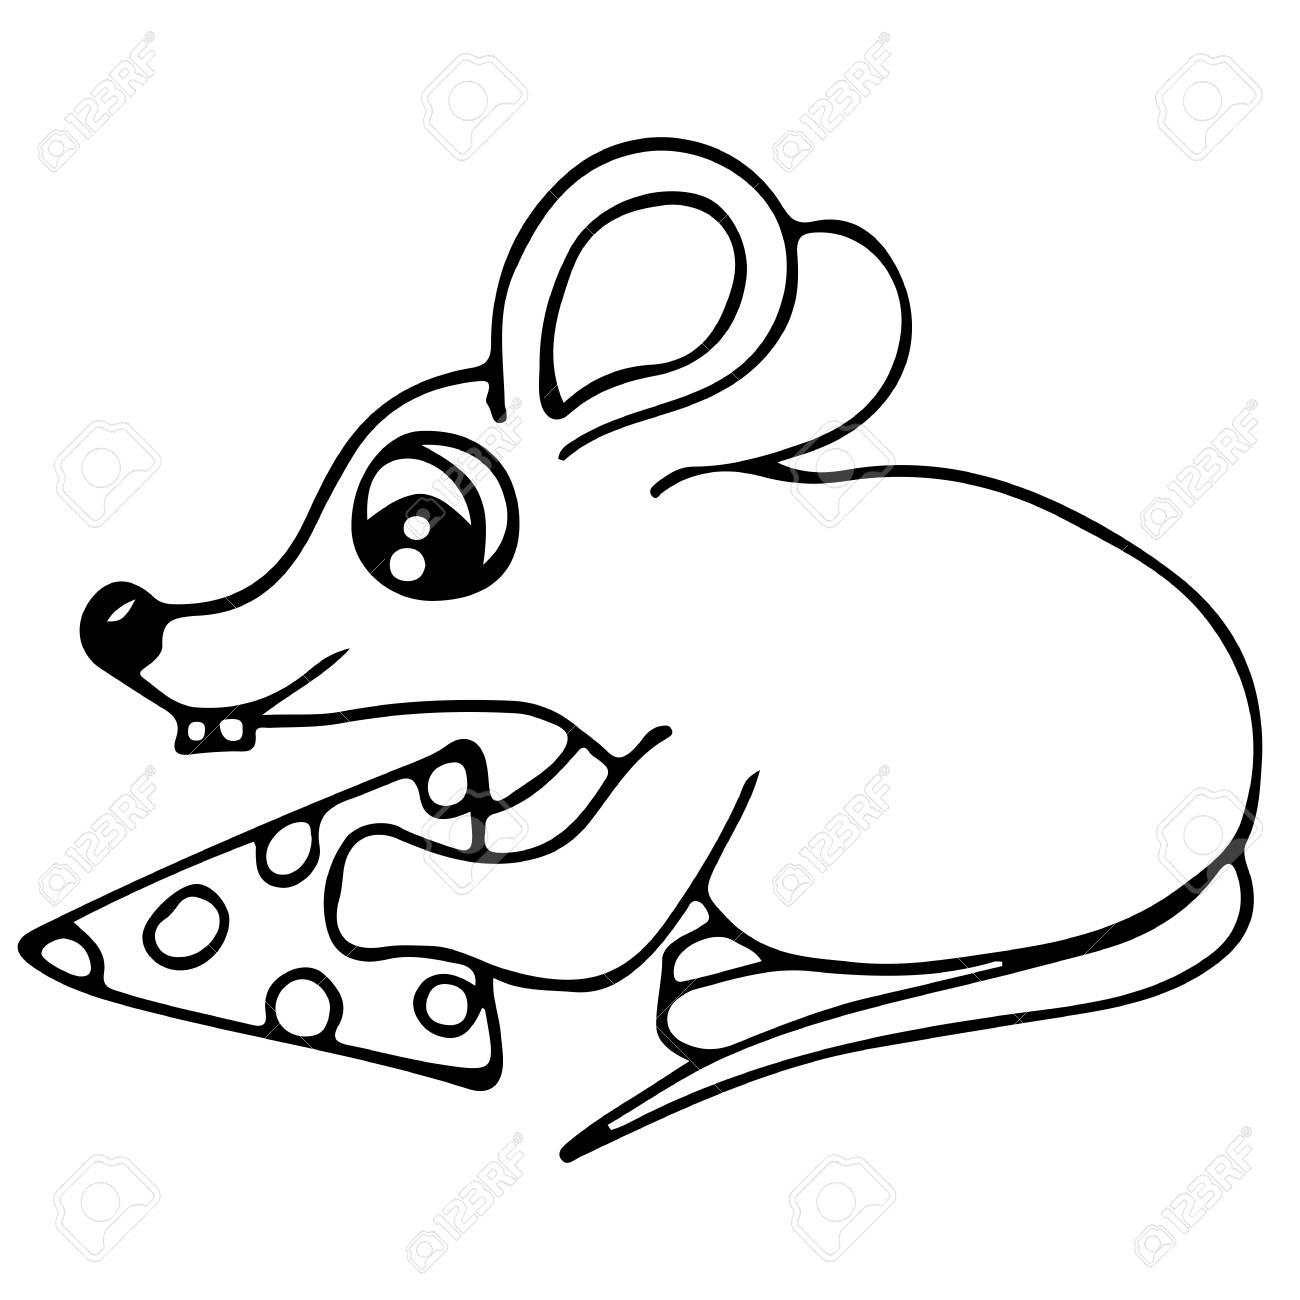 Ratón Lindo Con Pedazo De Queso Aislado En El Fondo Blanco. Para ...